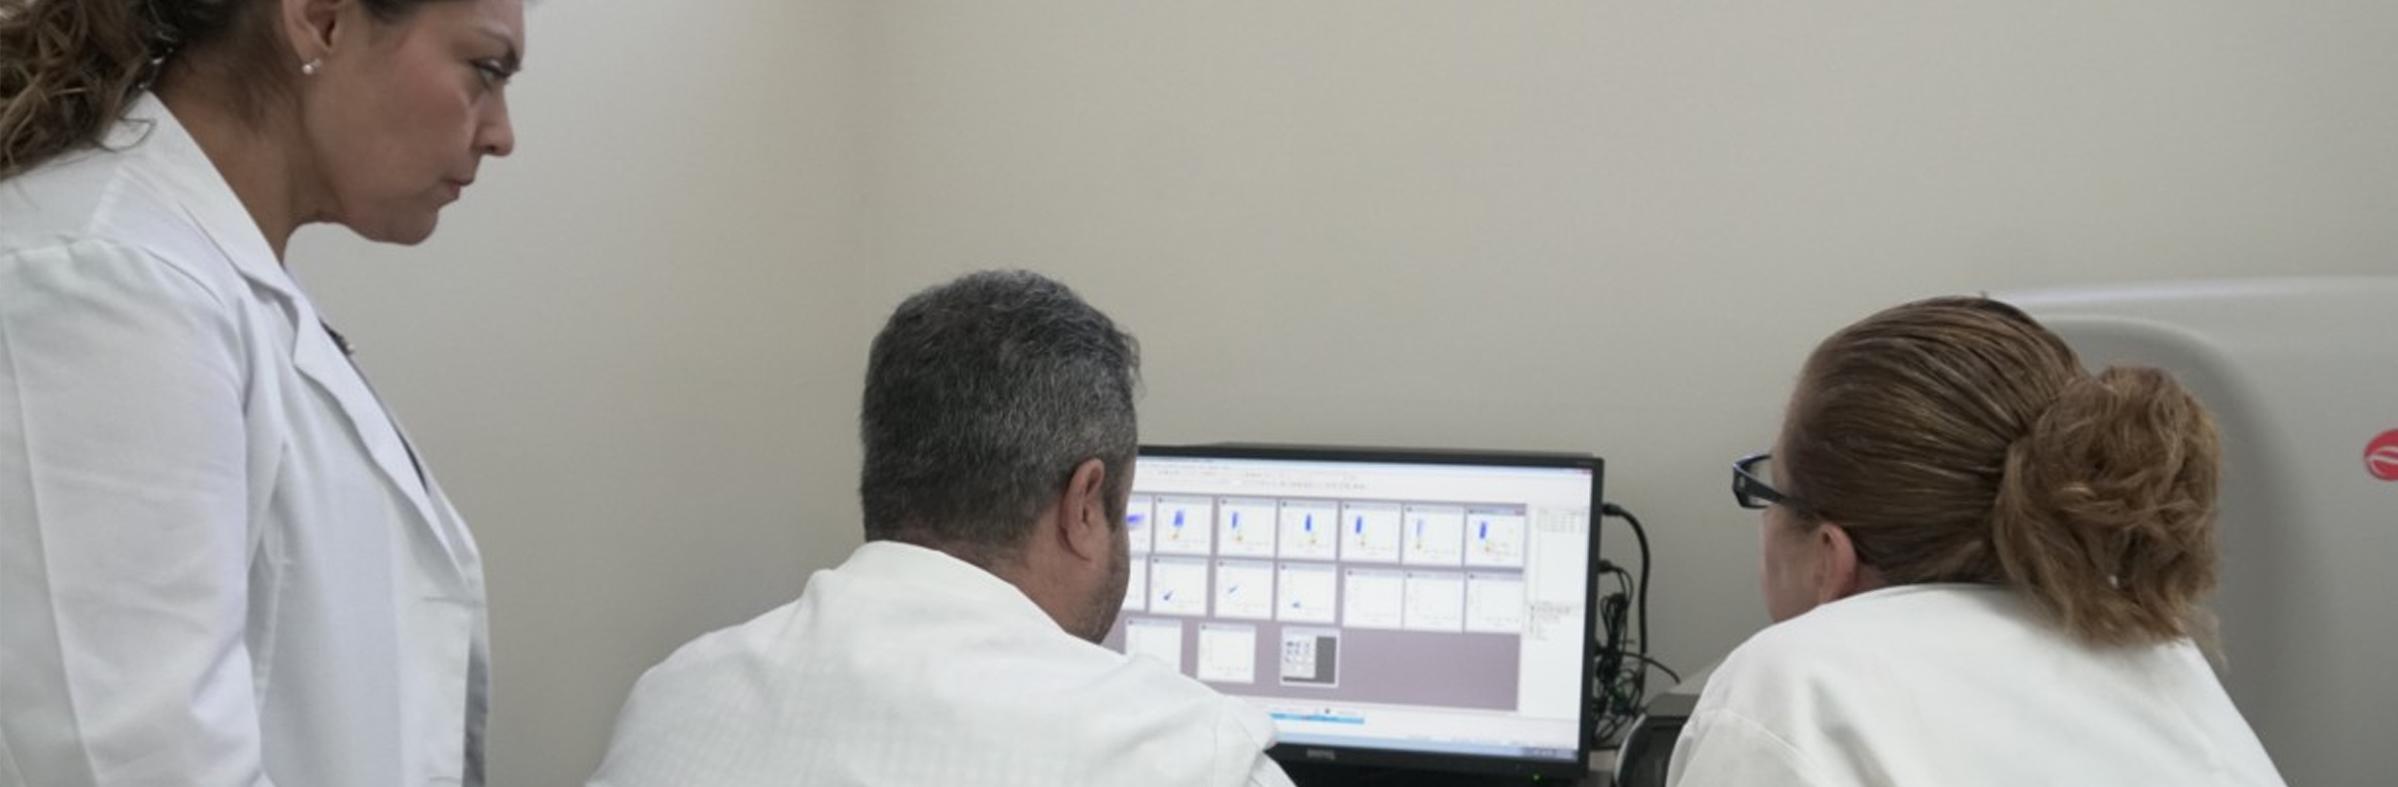 Citómetro de flujo: Equipo especializado para la detección de células leucémicas.